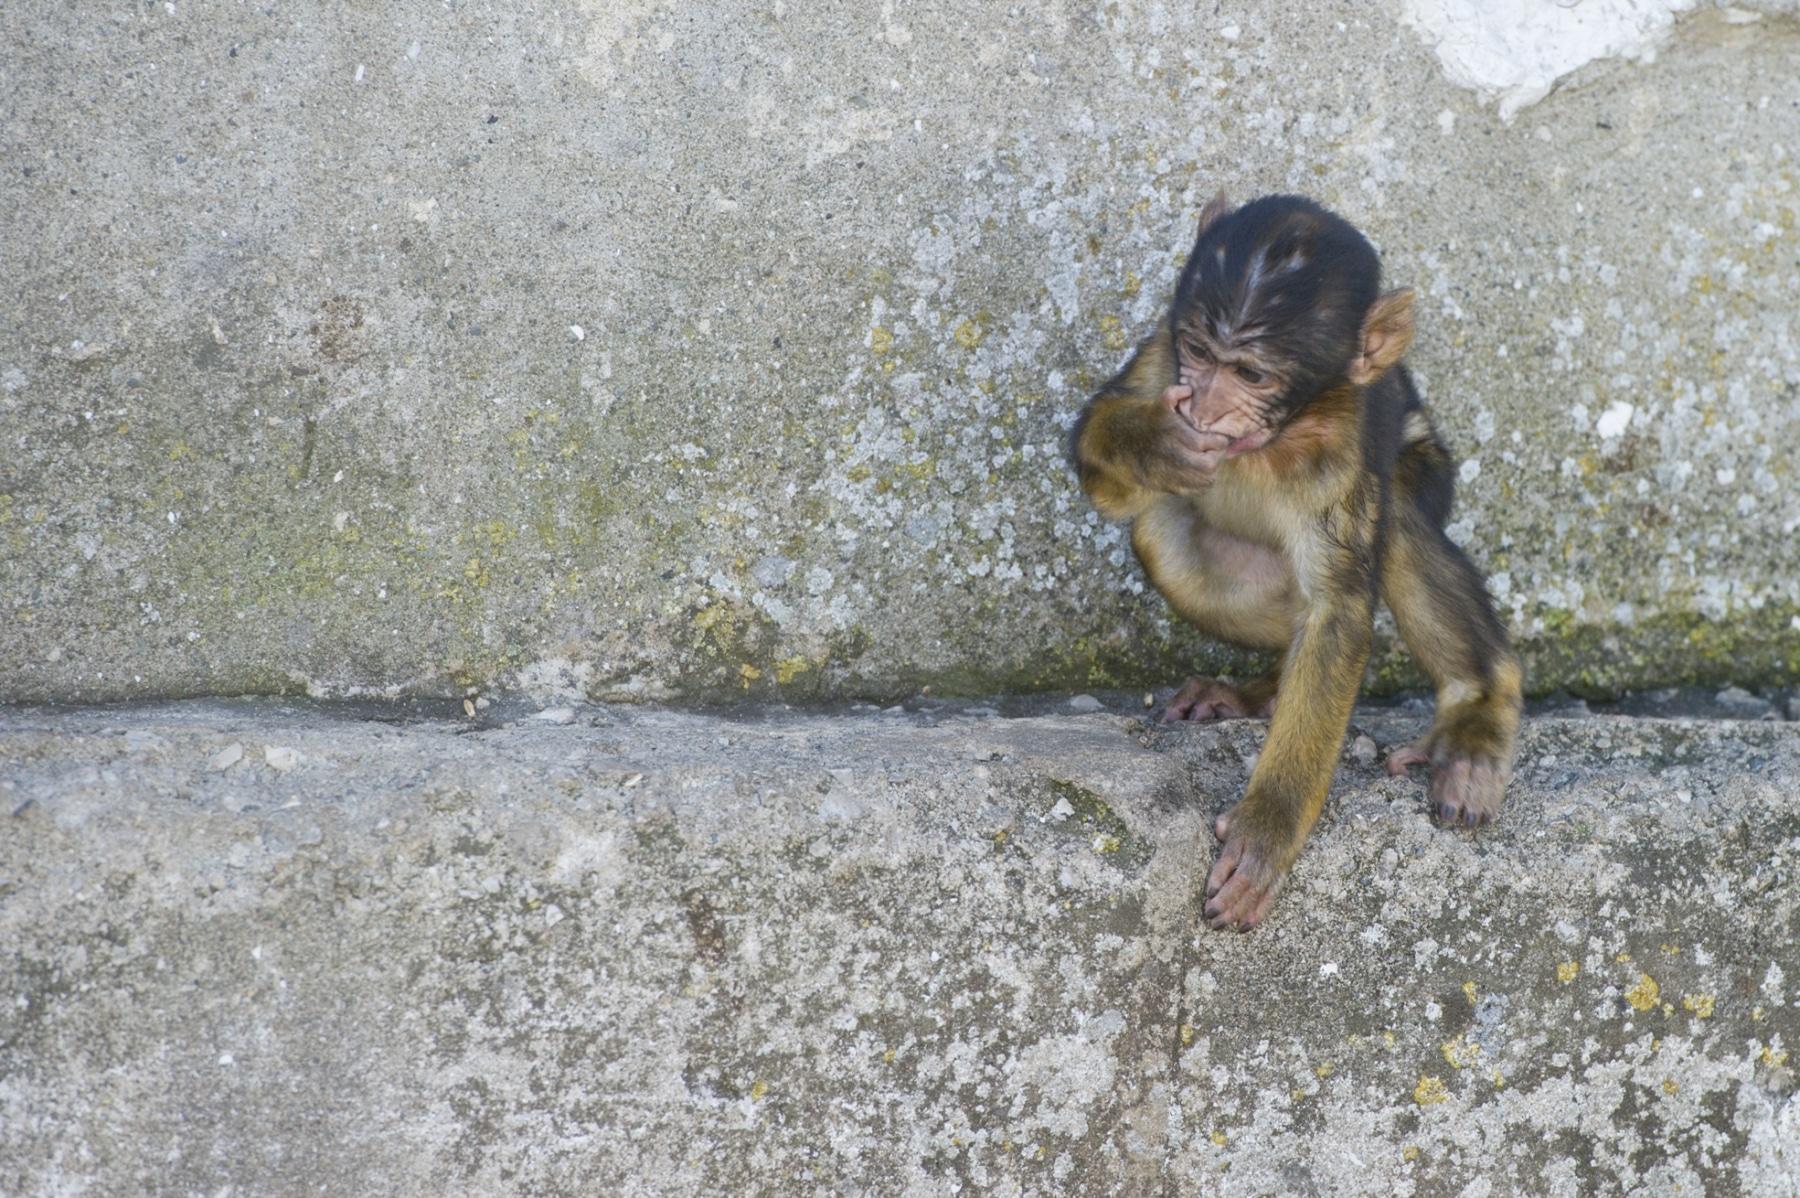 turismo-en-gibraltar-092015-310_22719197946_o